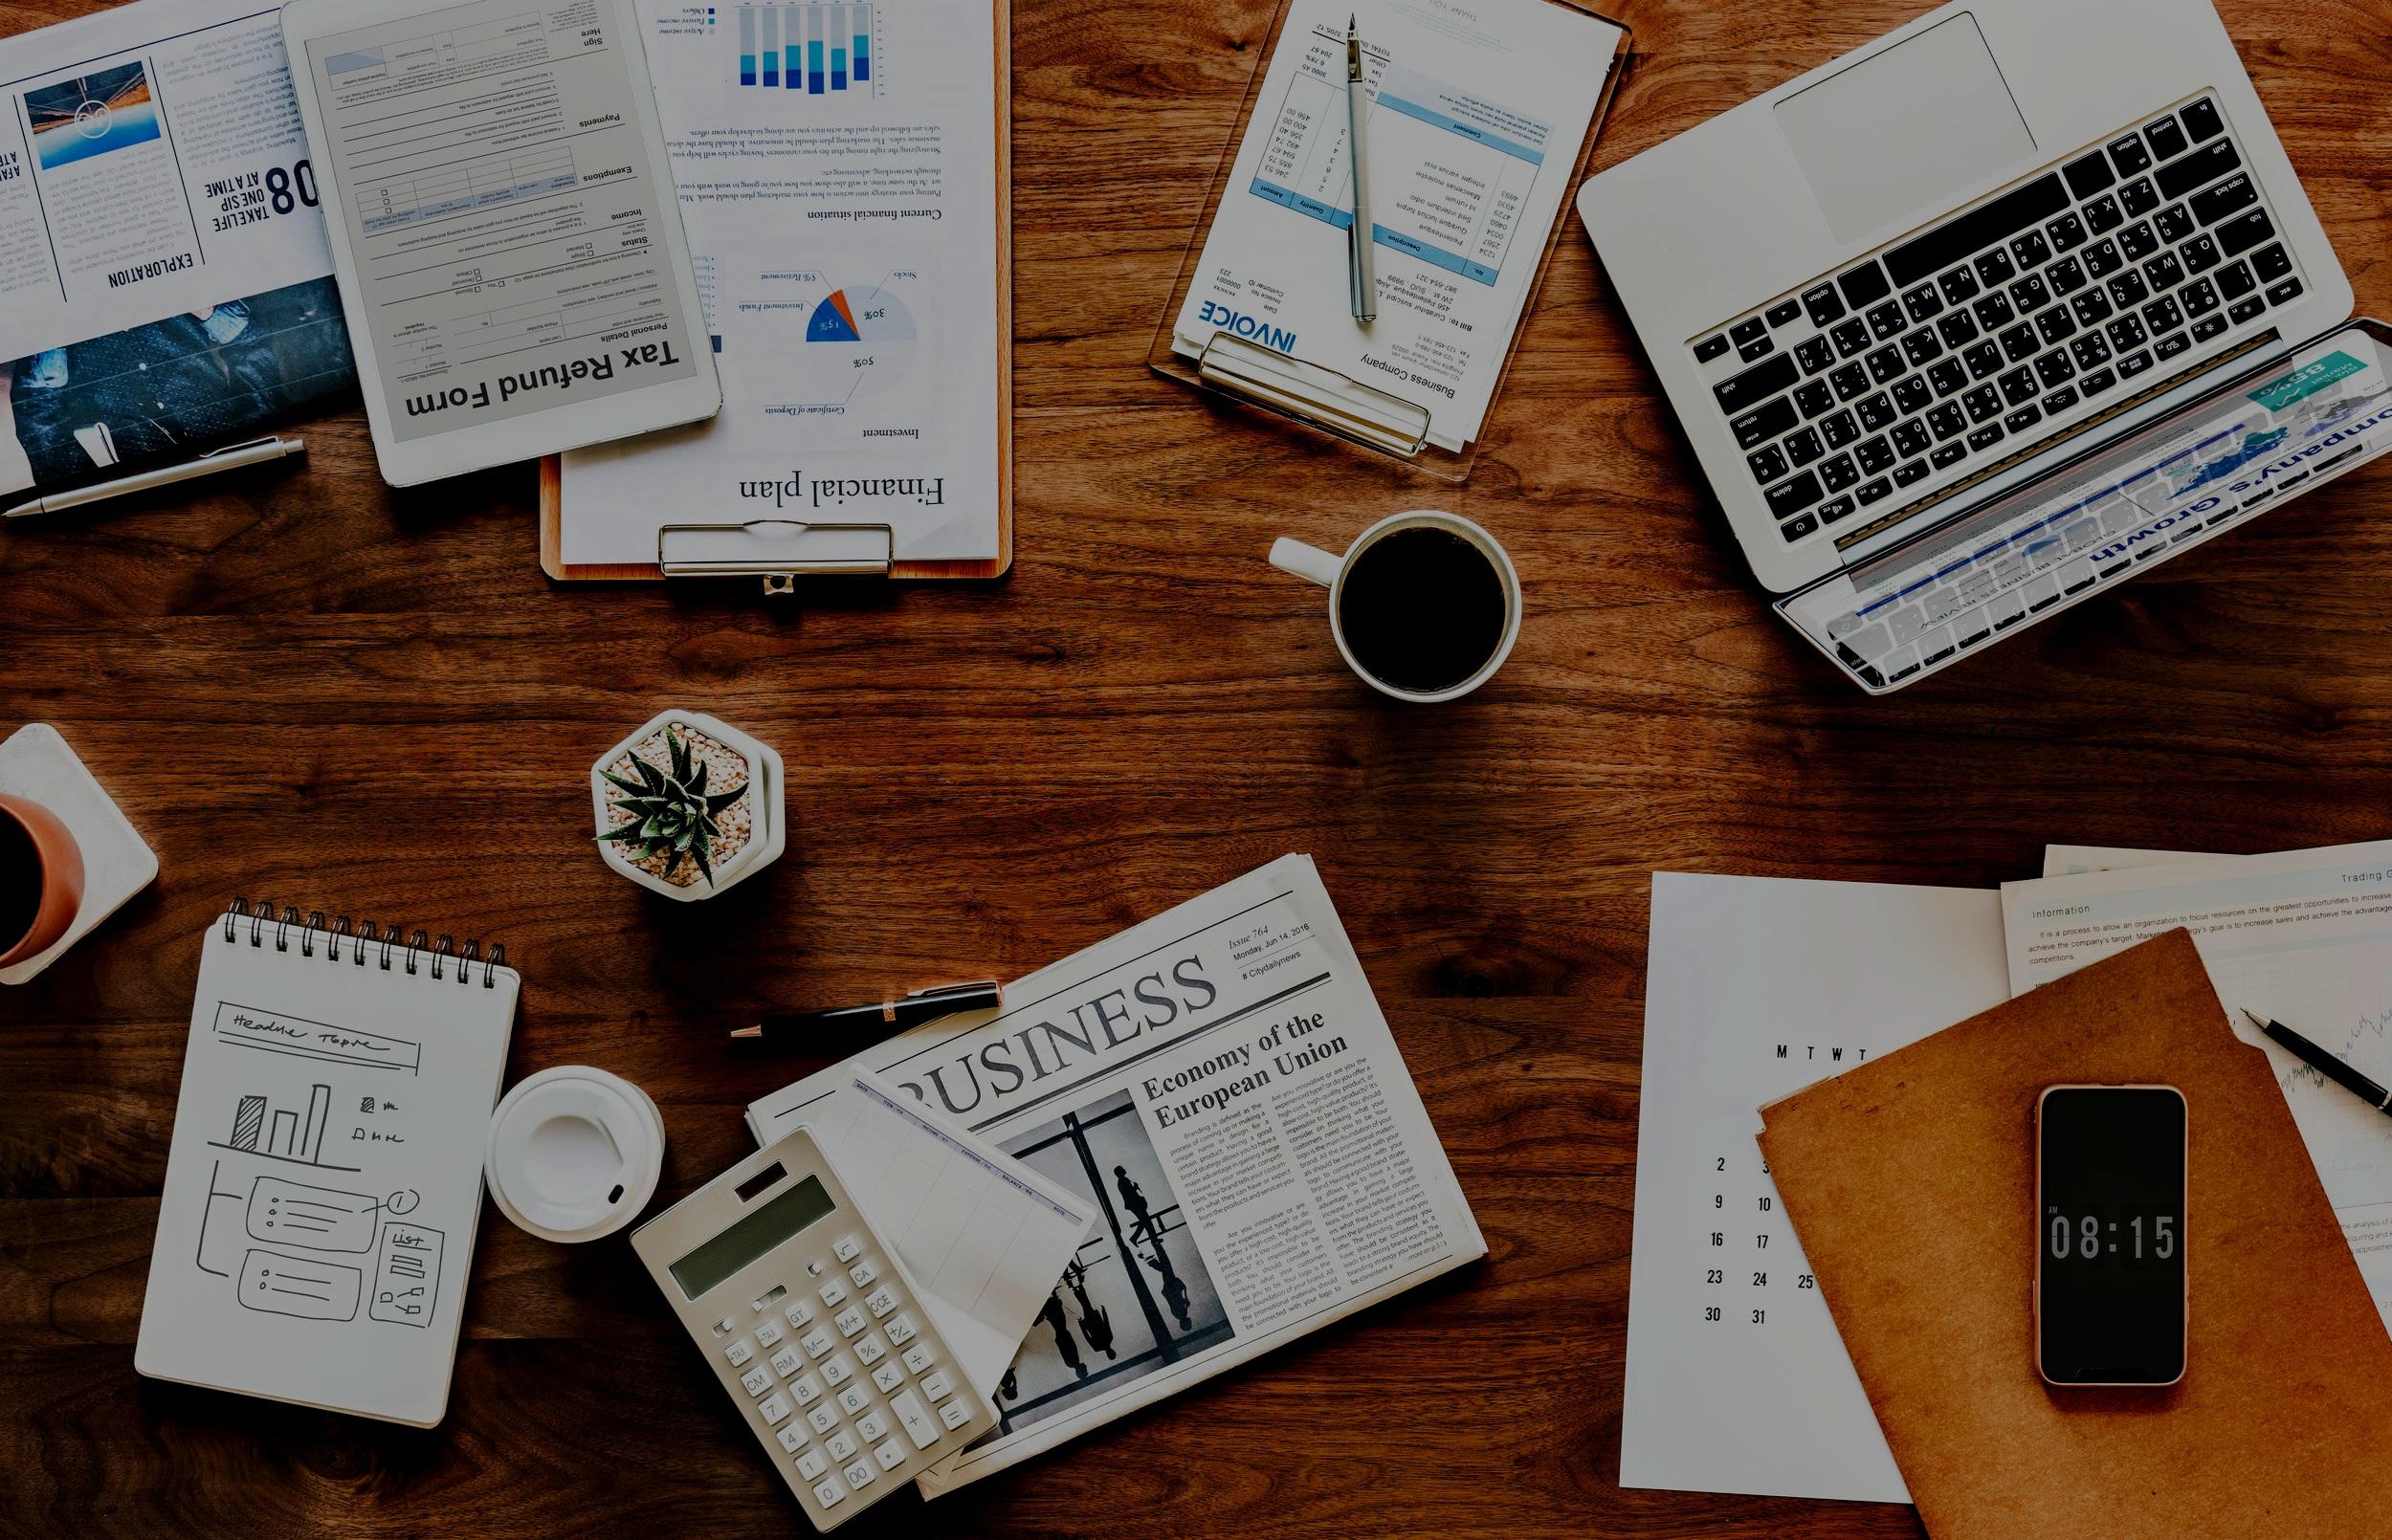 - Marketing Management(Web, SEO, Email)